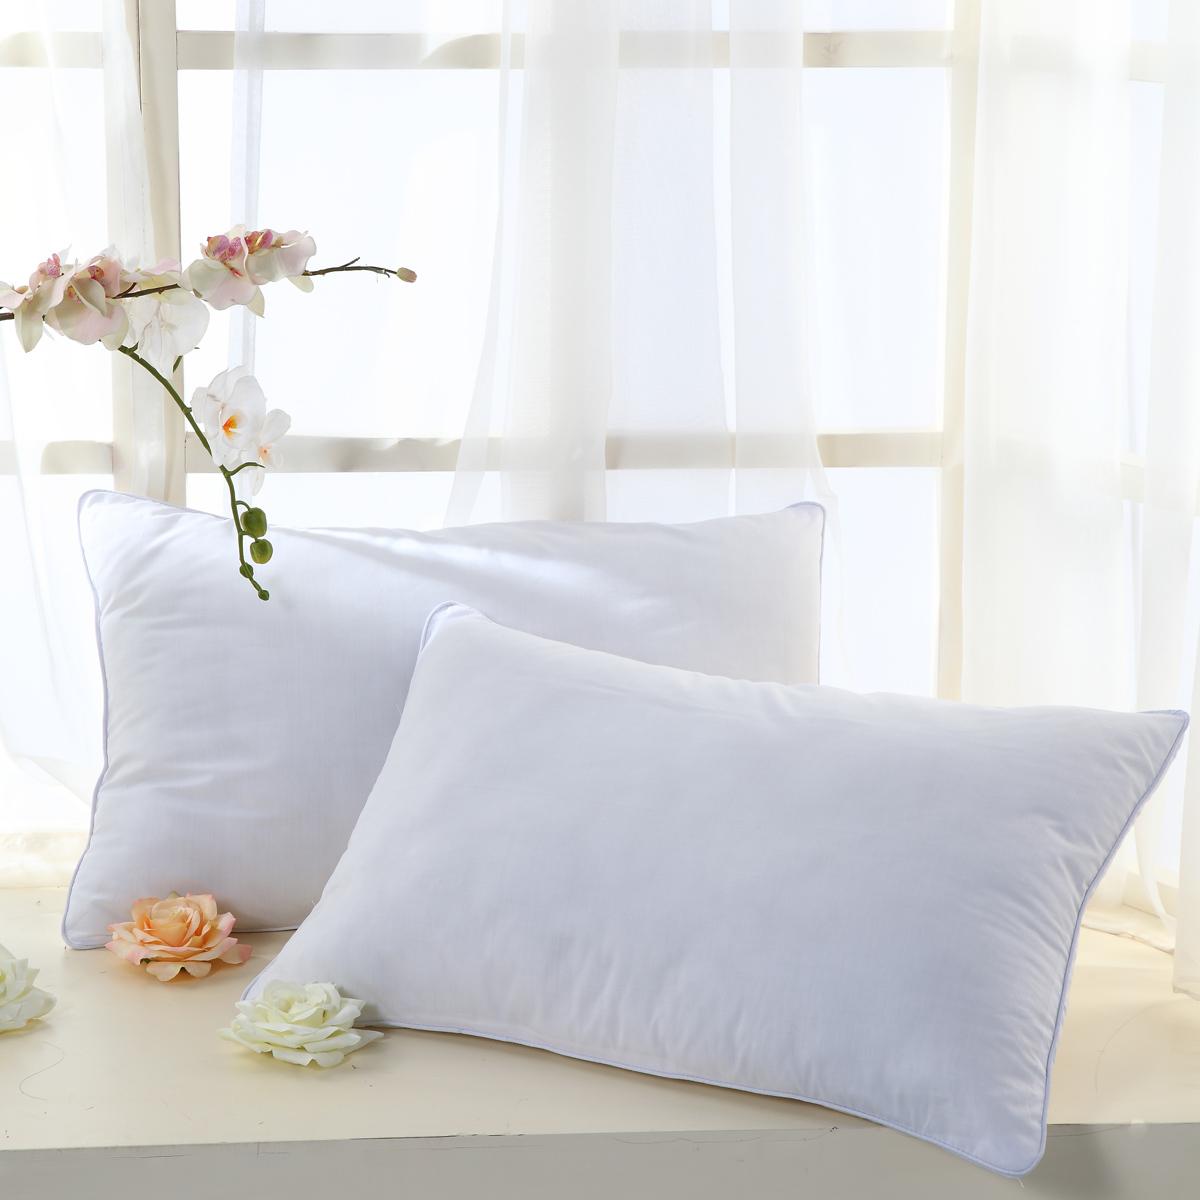 包邮正品水星家纺超柔枕枕芯枕心枕头床上用品成人单人涤棉纤维